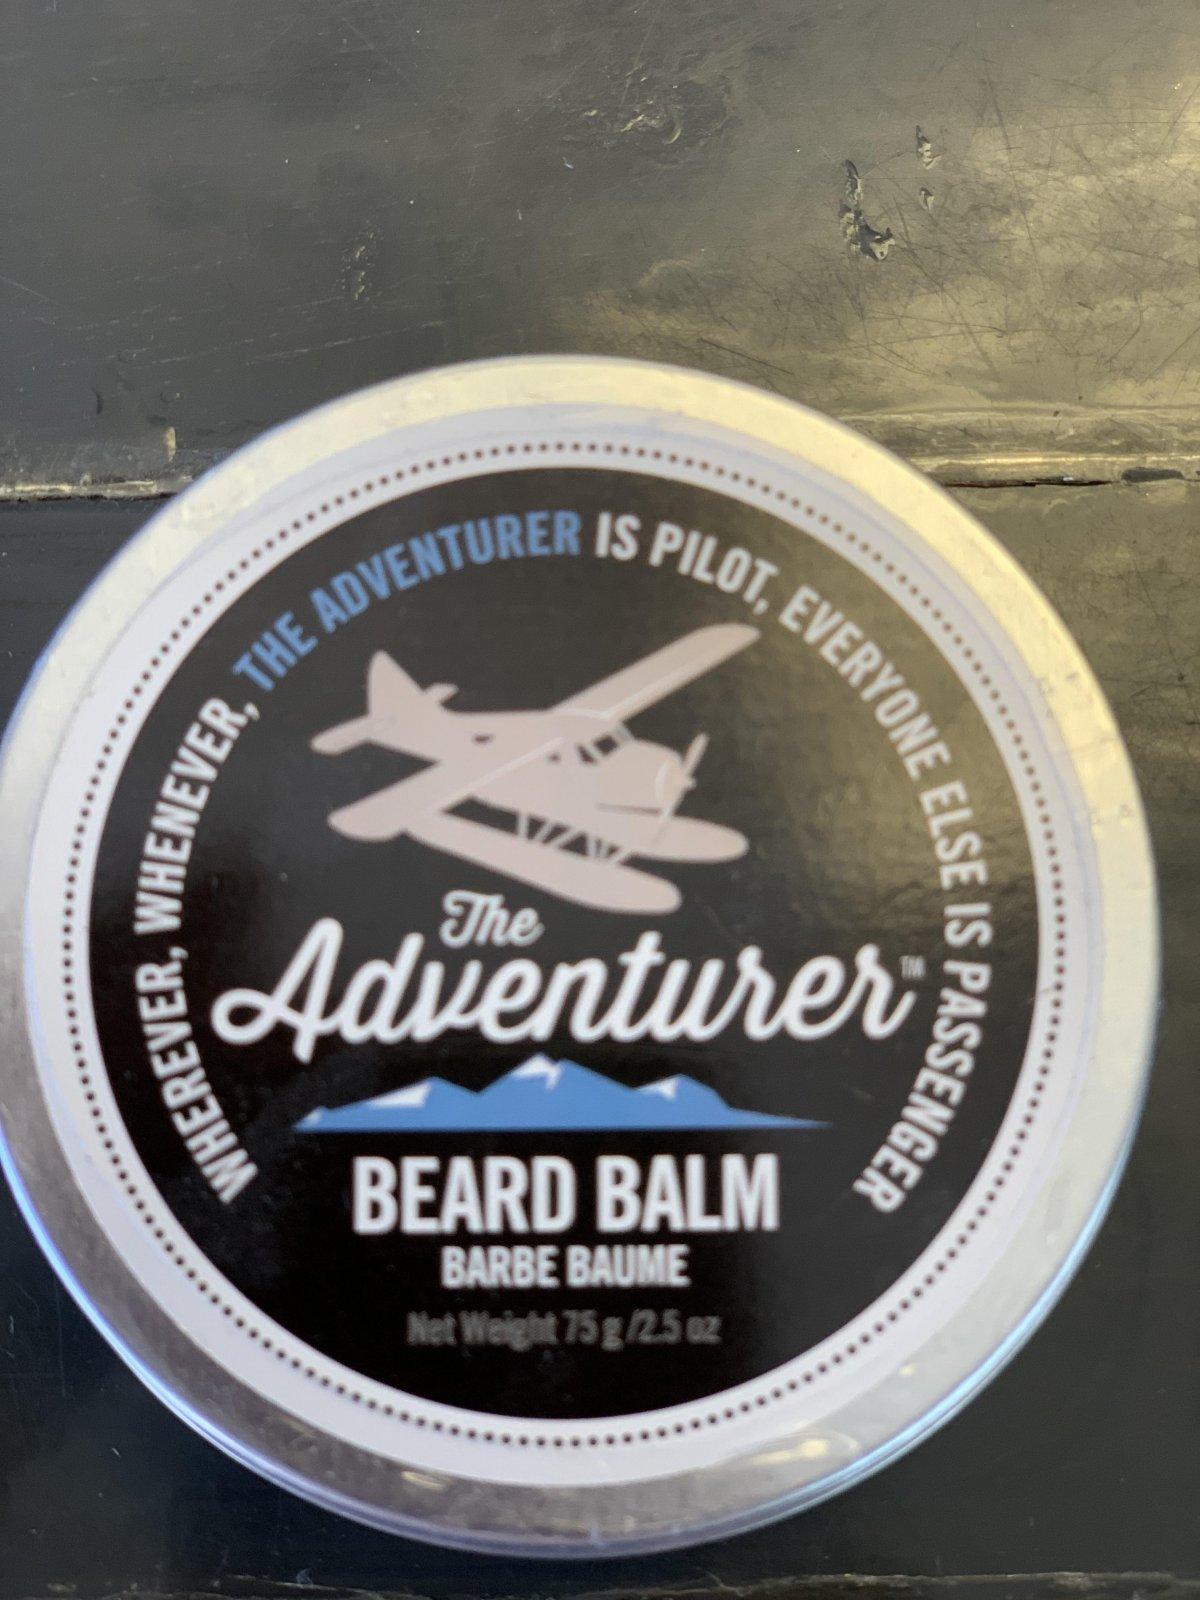 The Adventurer Beard Balm